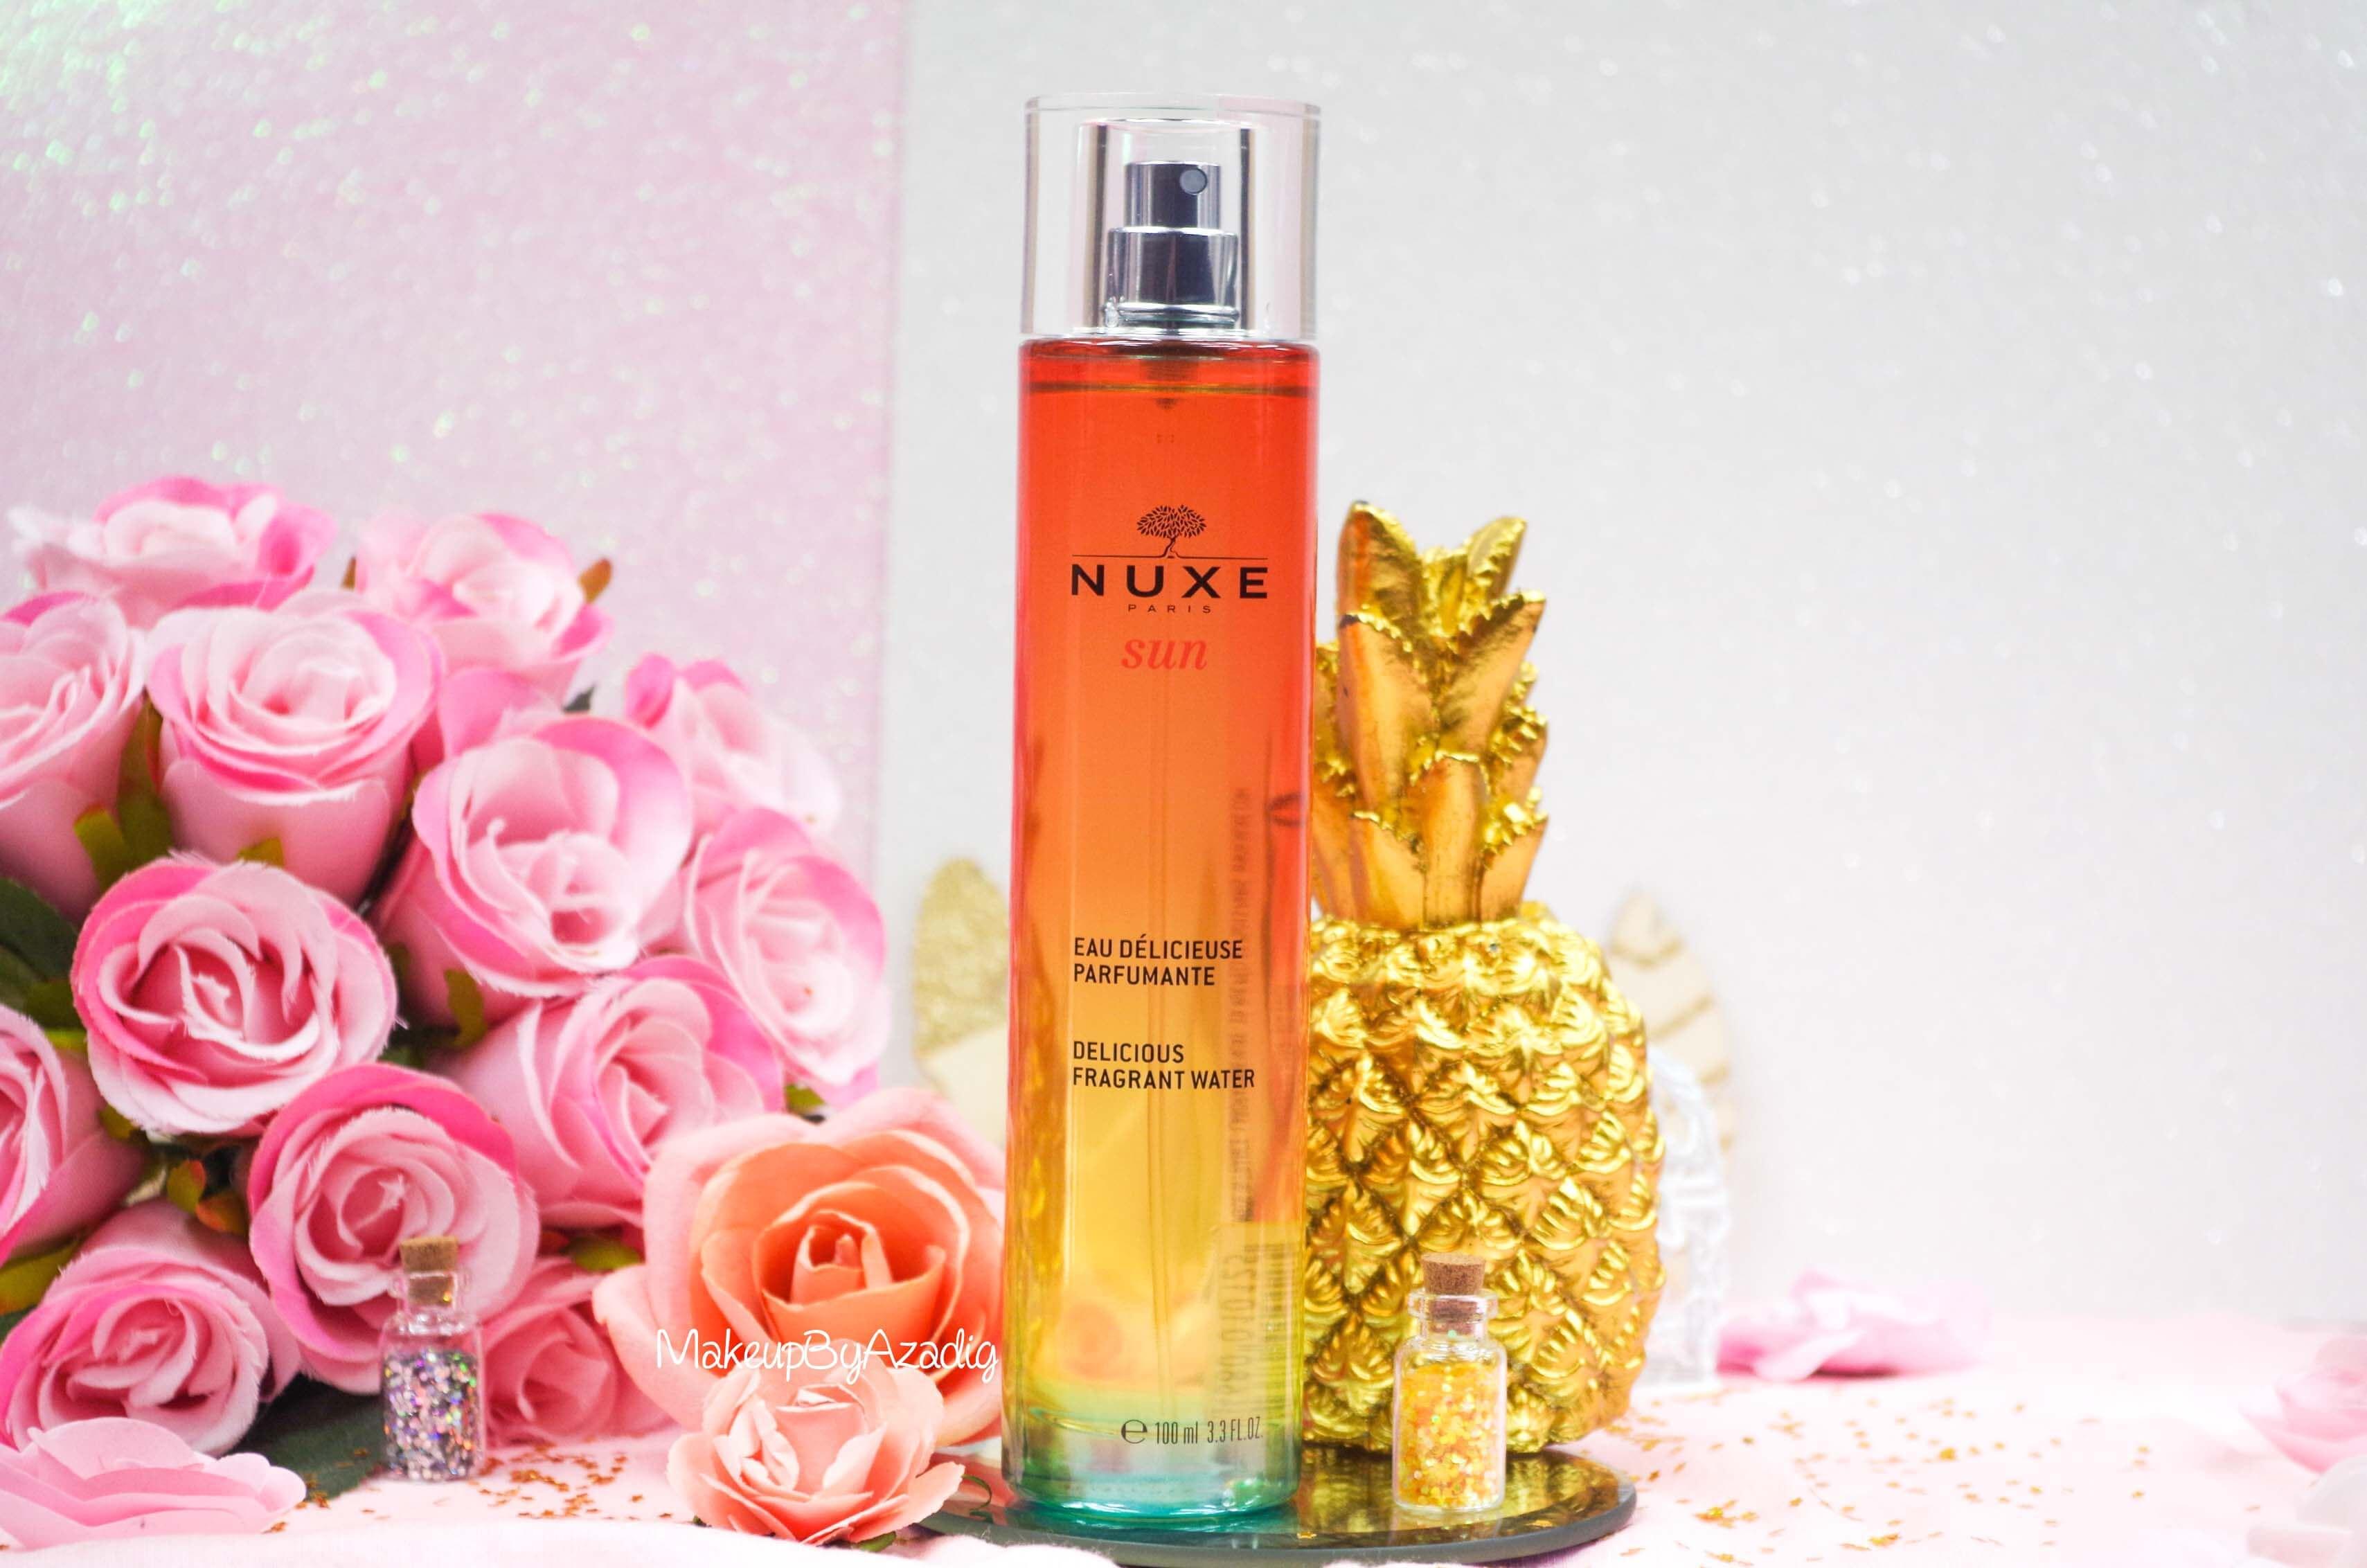 revue-review-eau-delicieuse-parfumante-nuxe-sun-paris-blog-makeupbyazadig-monoi-soleil-parapharmacie-miniature